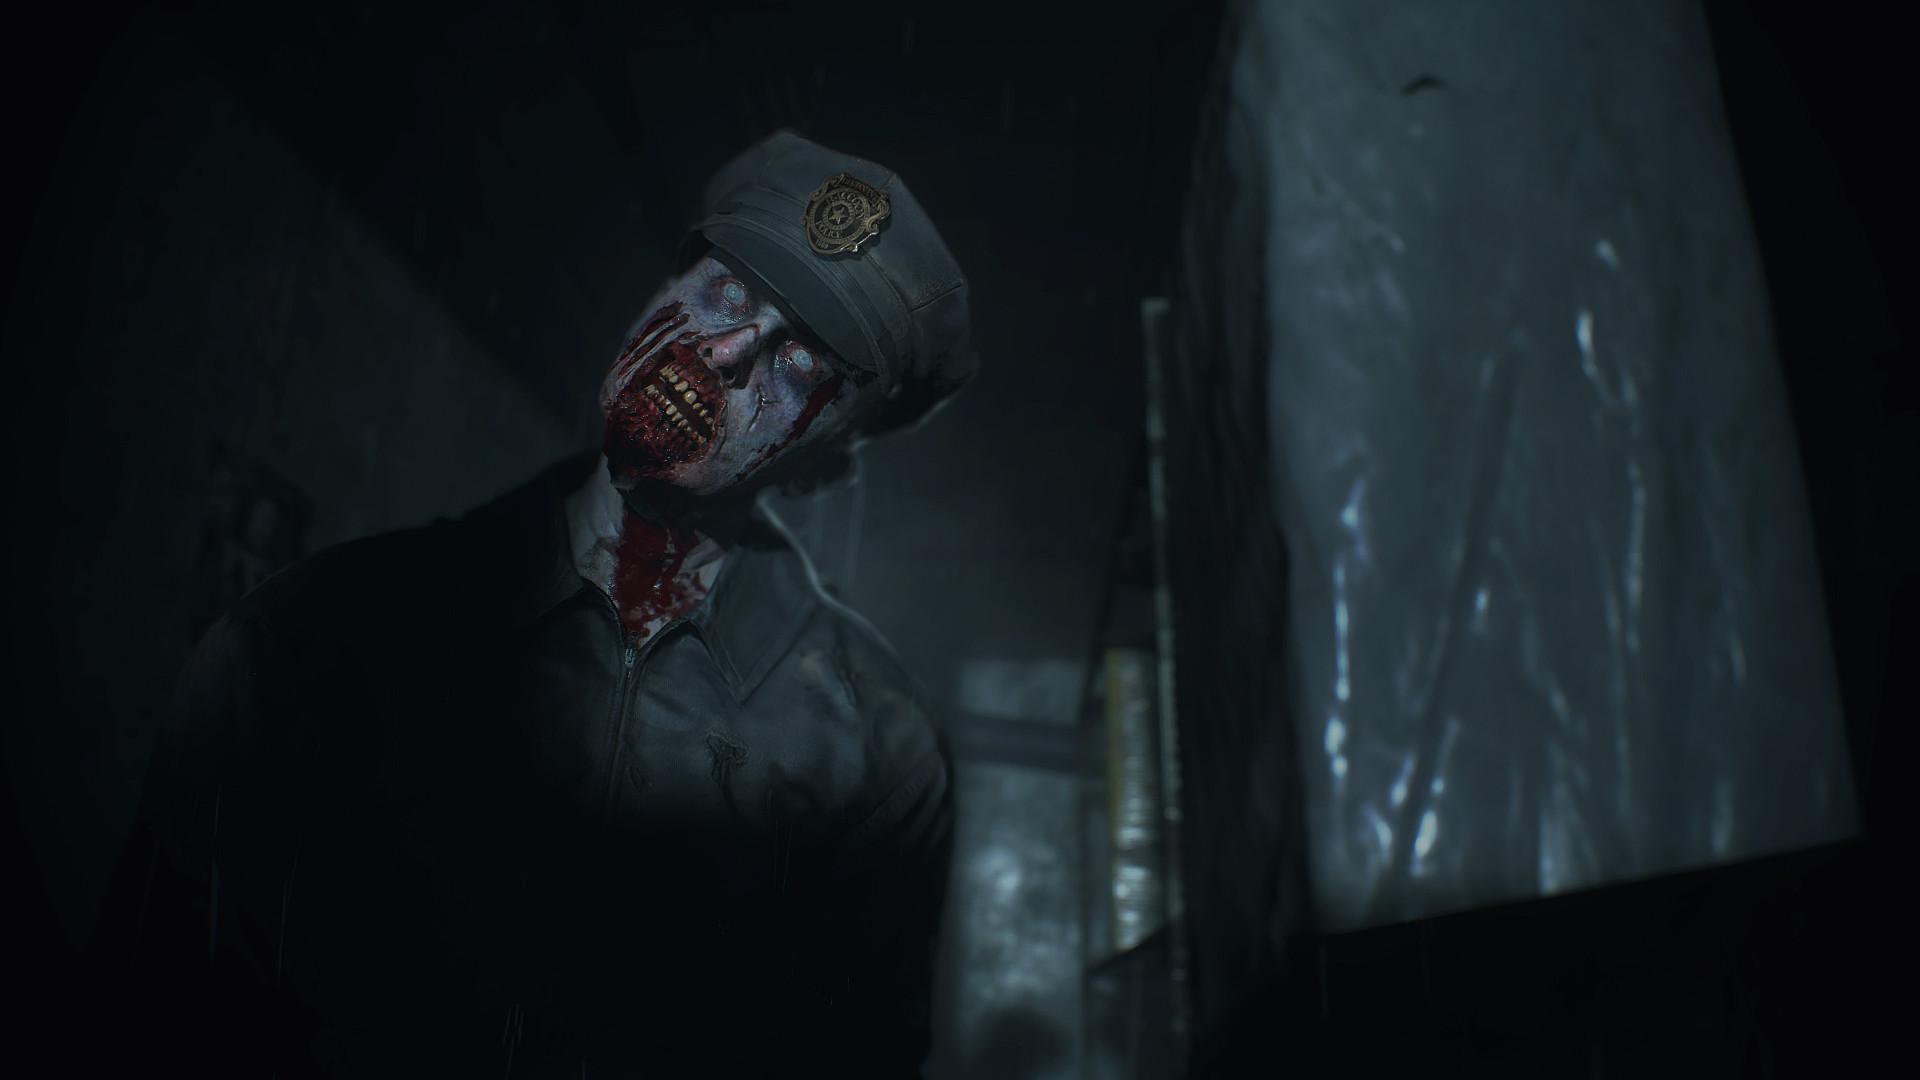 Как отличается графика Resident Evil 2 Remake от оригинала